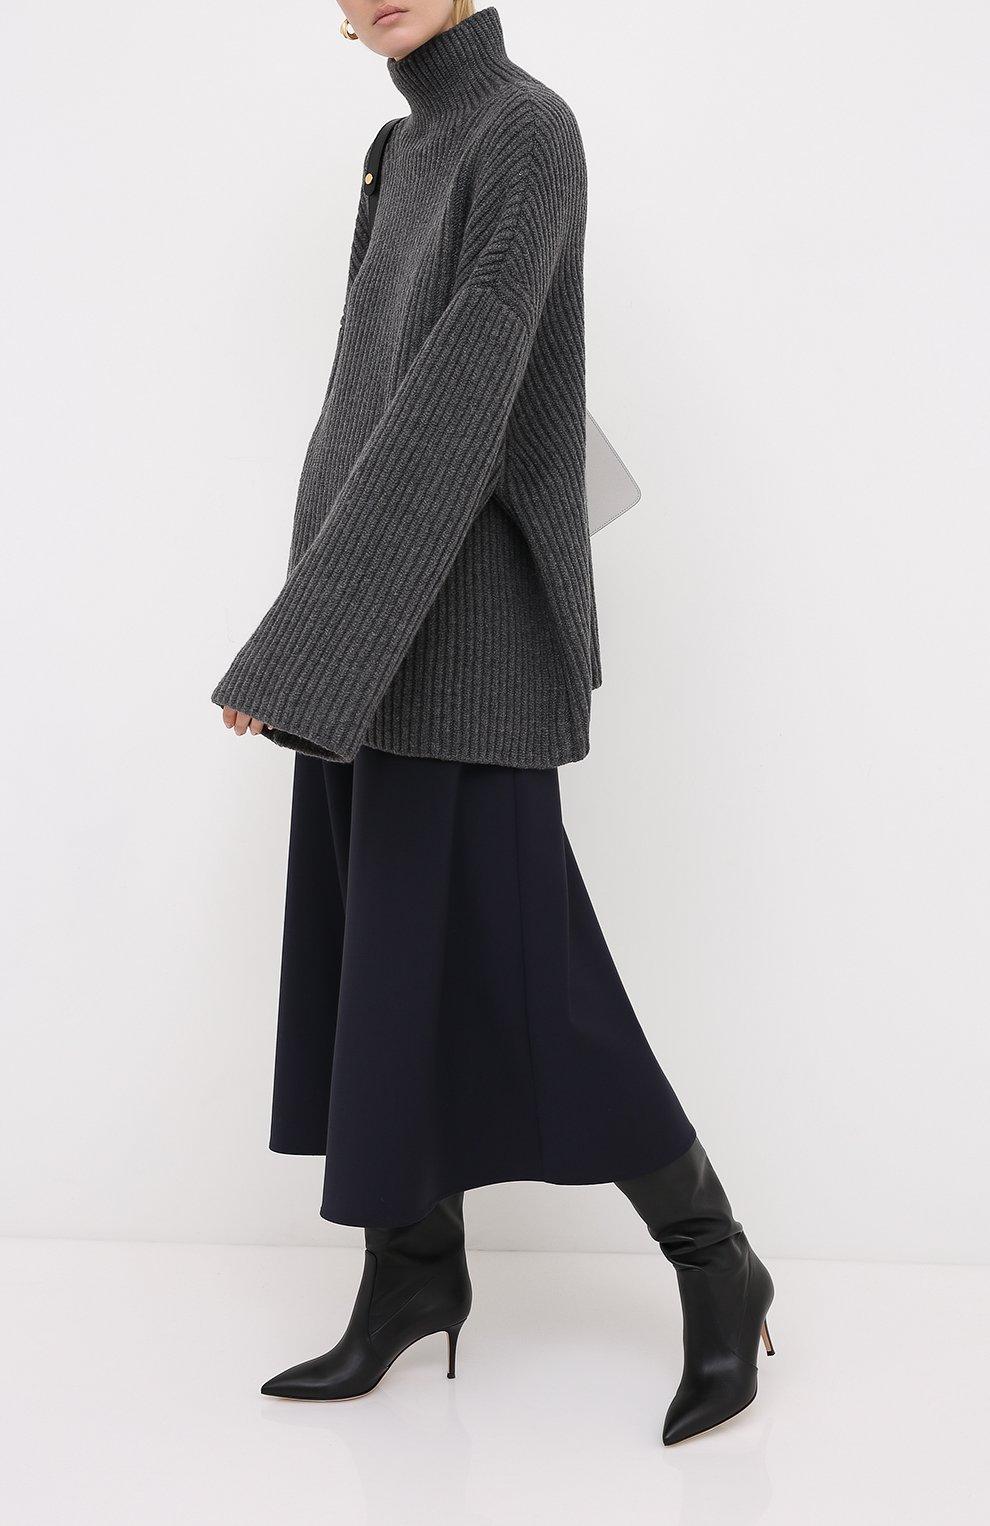 Женский шерстяной свитер NANUSHKA серого цвета, арт. RAW_CHARC0AL_S0FT W00L BLEND KNIT   Фото 2